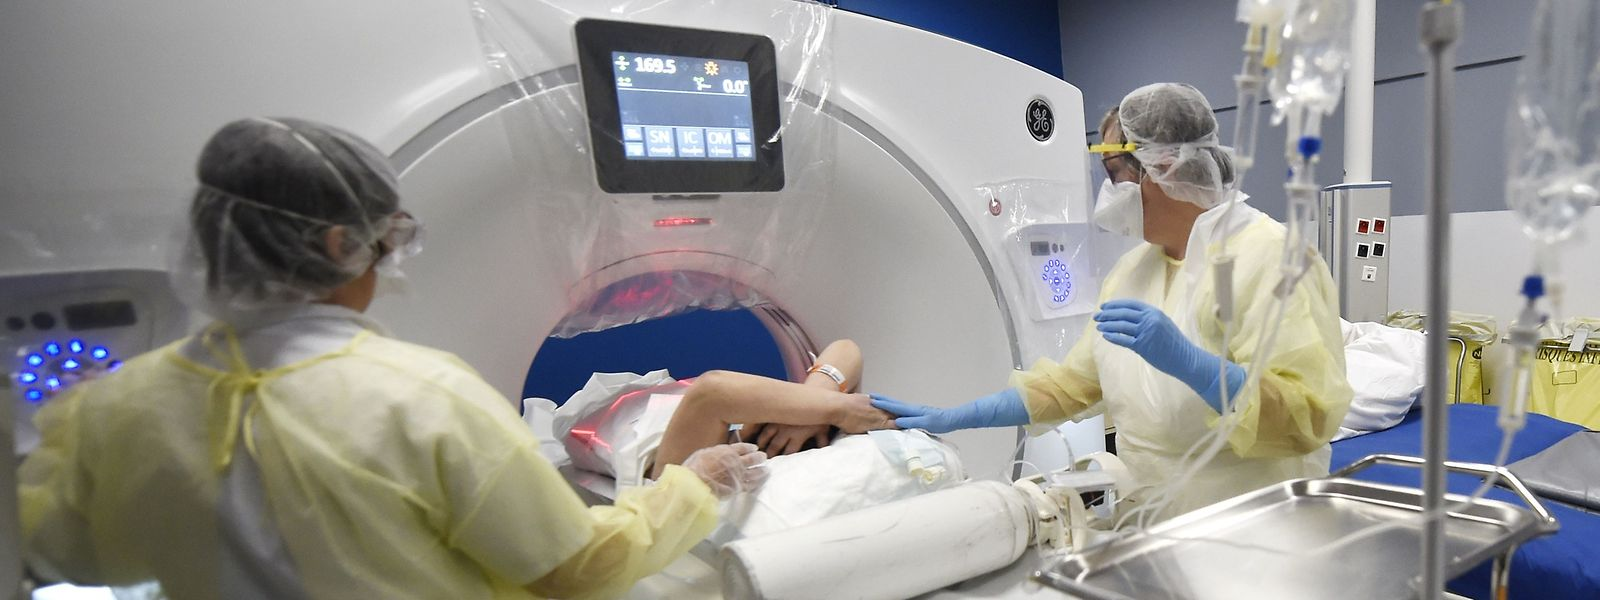 Dans les quatre centres hospitaliers luxembourgeois une procédure avait été mise en place pour soutenir à la fois familles et soignants.